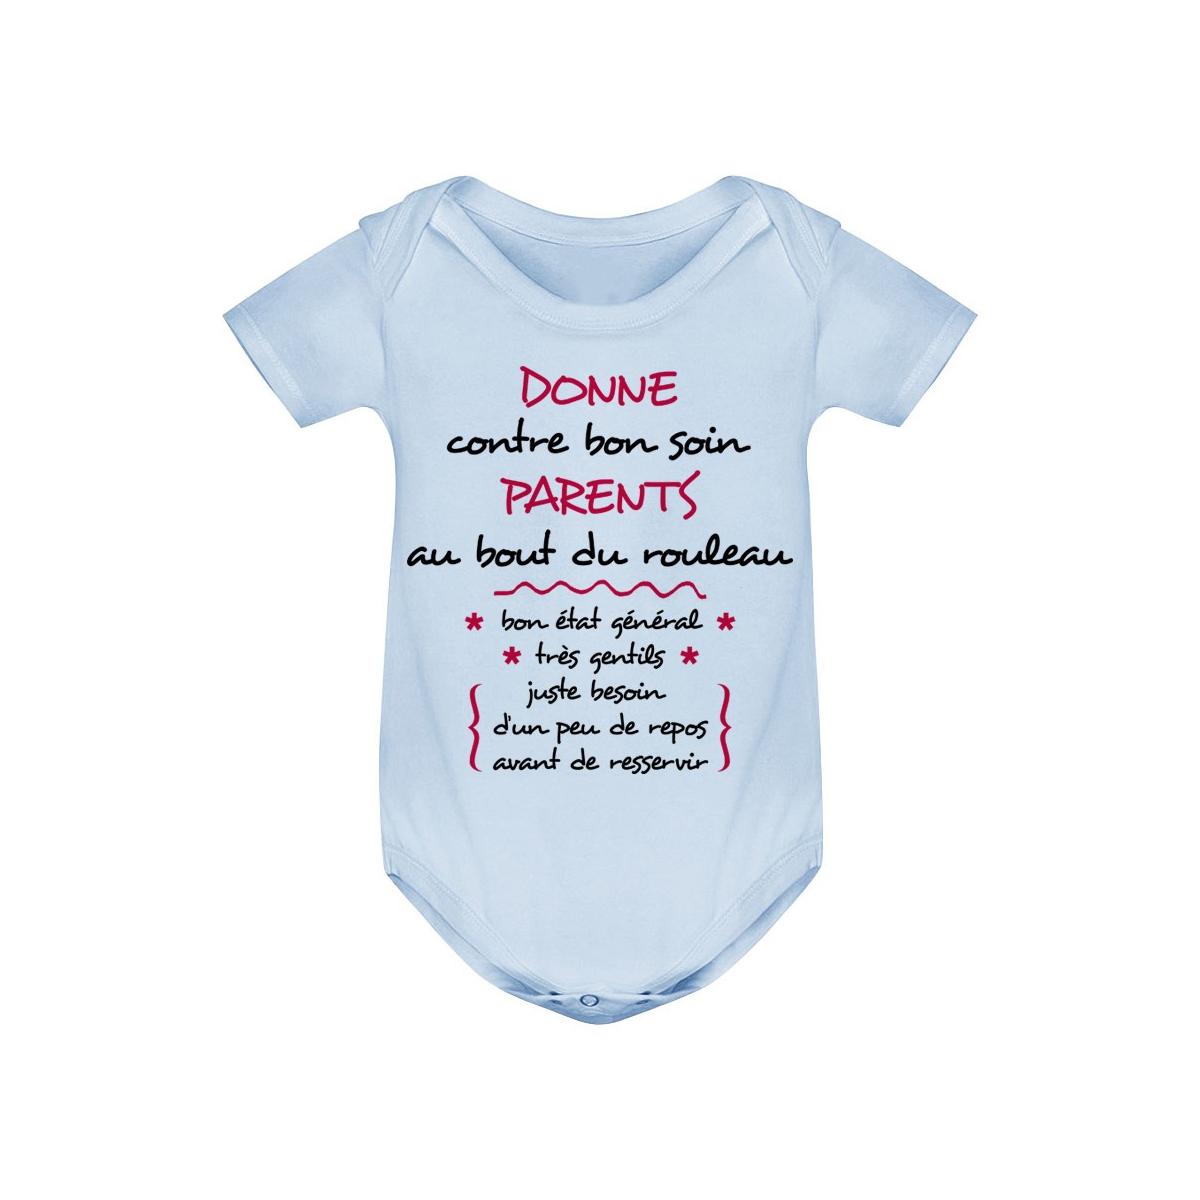 Body bébé Donne parents contre bon soin